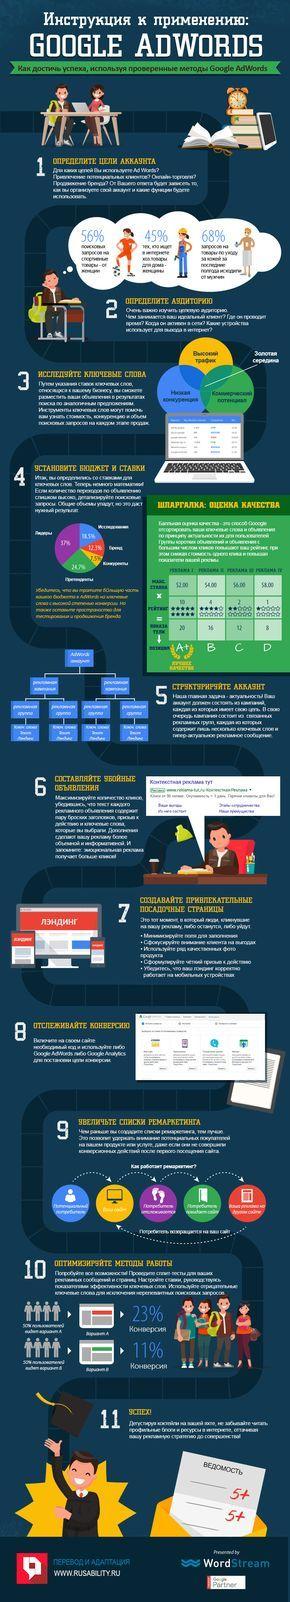 Google AdWords: инструкция к применению. Инфографика - Rusability